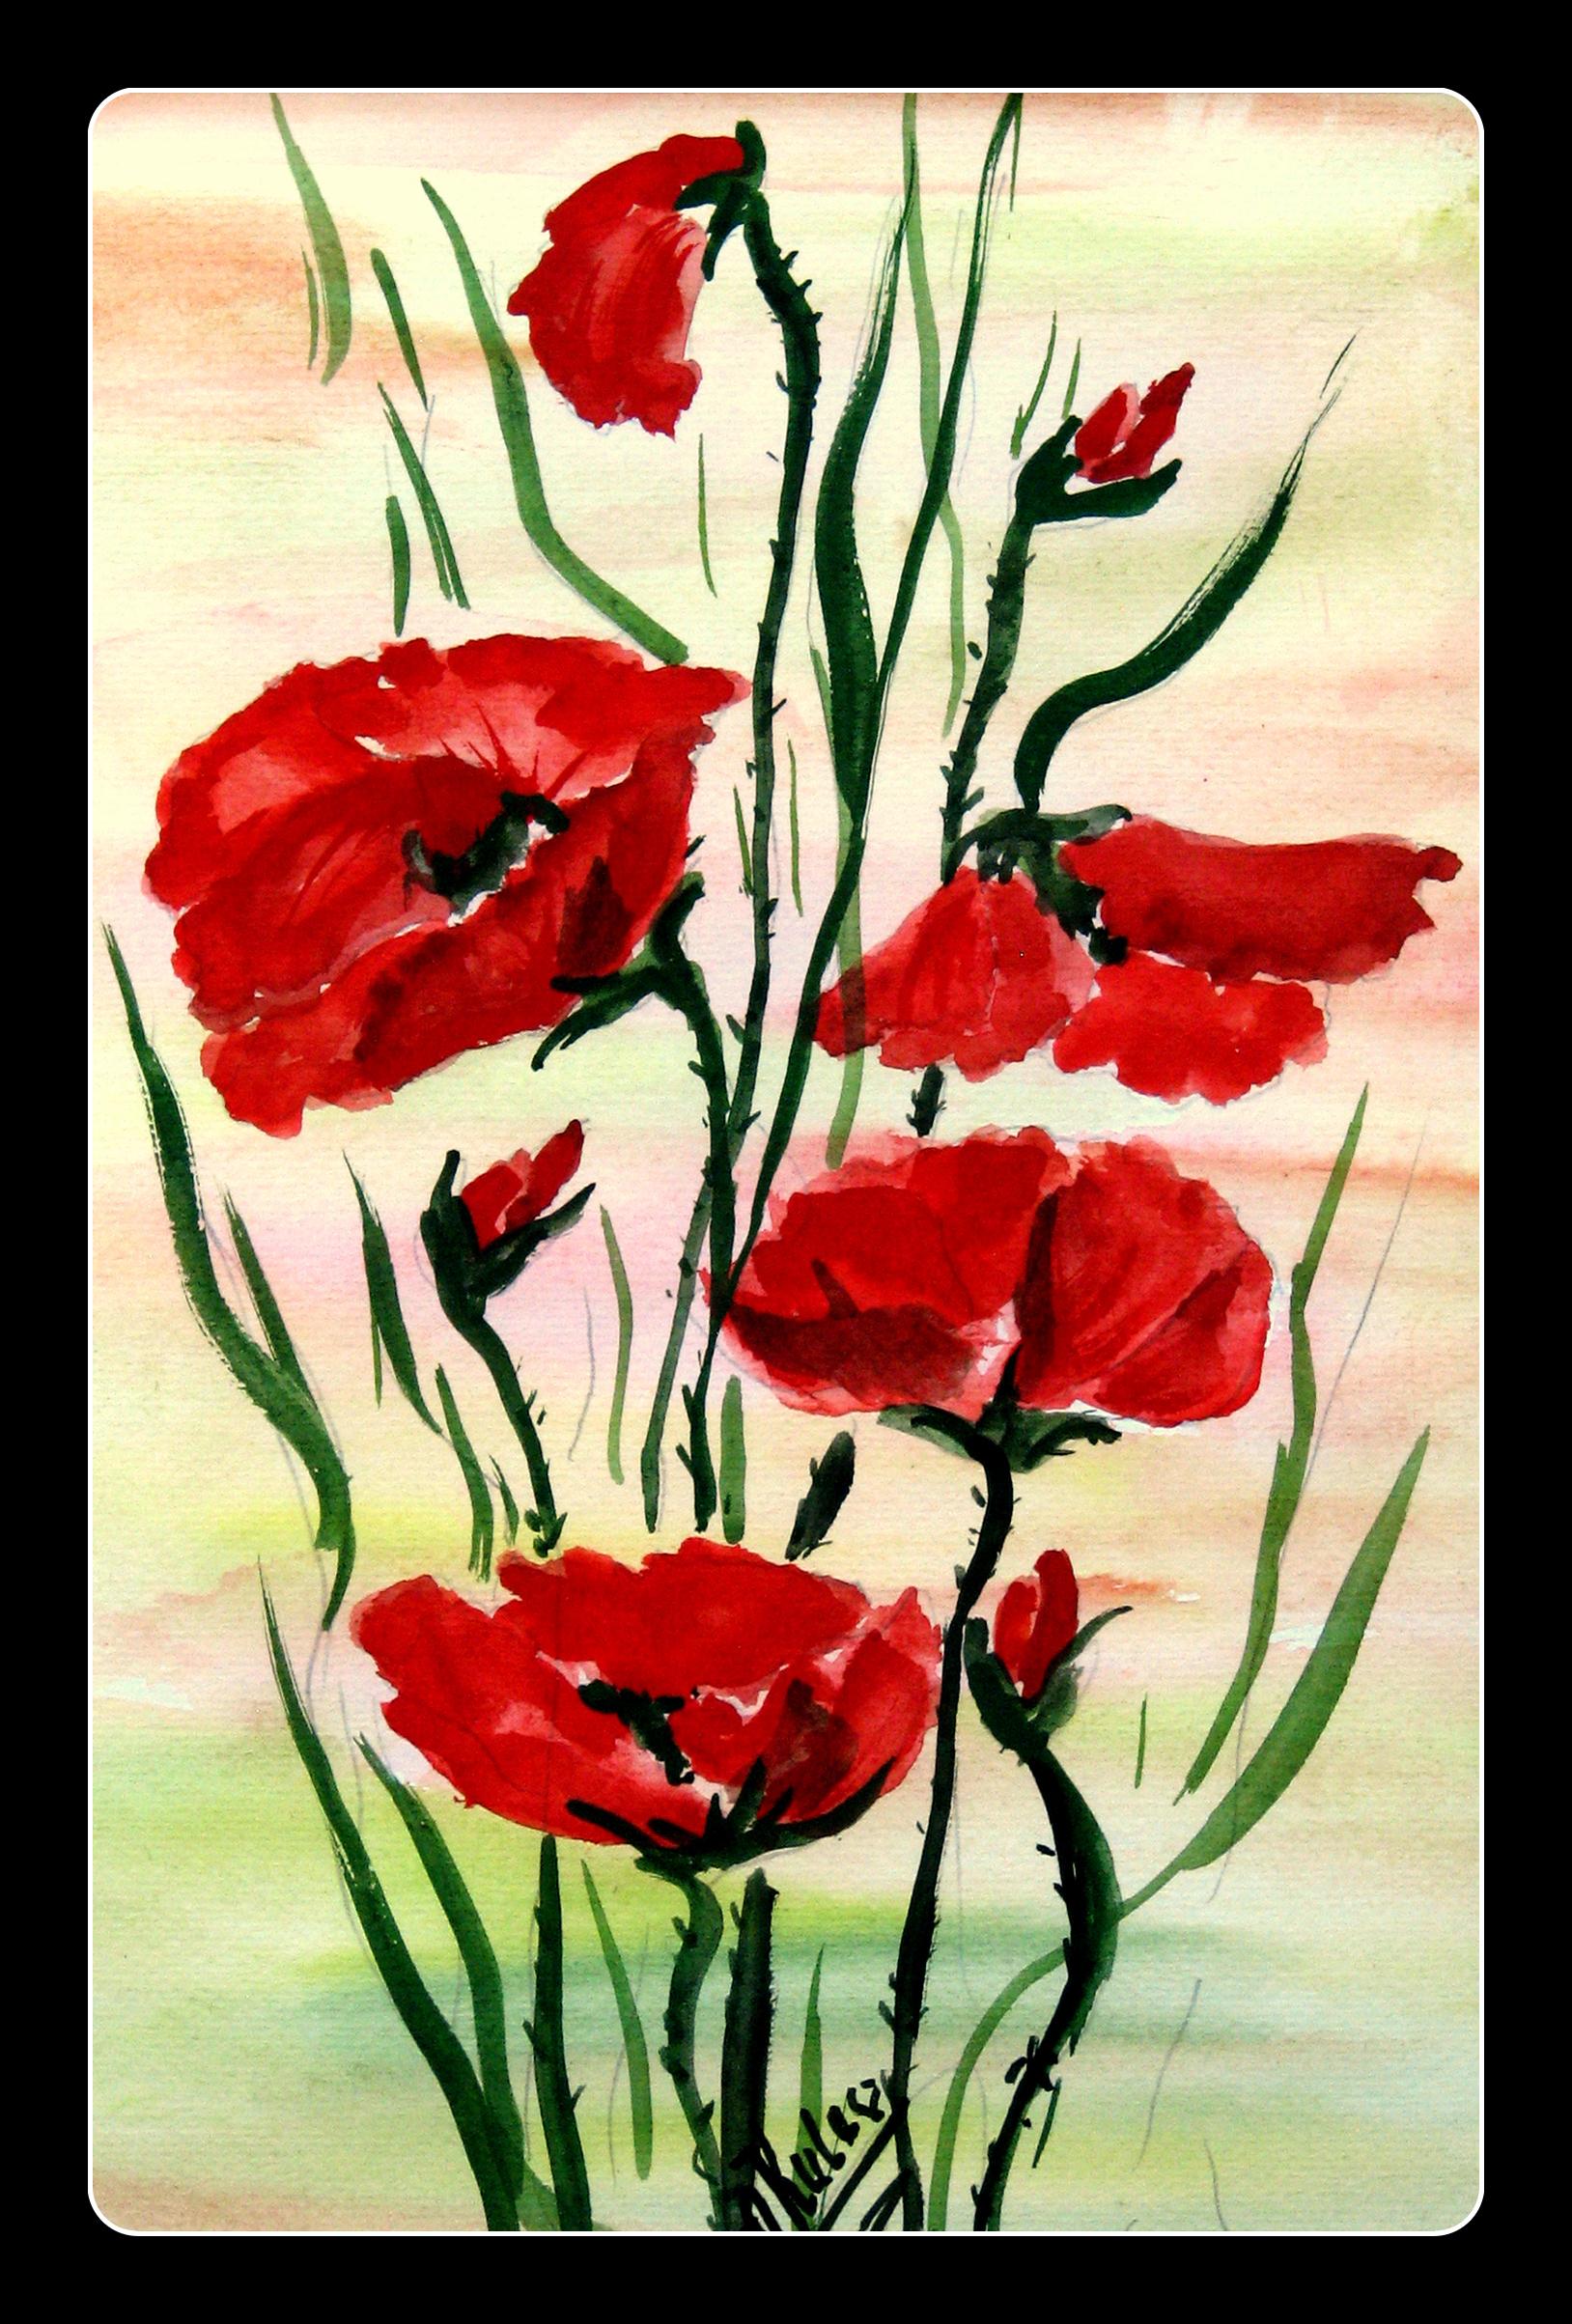 ą polskie kwiaty, które wyrosły pod polskim niebem